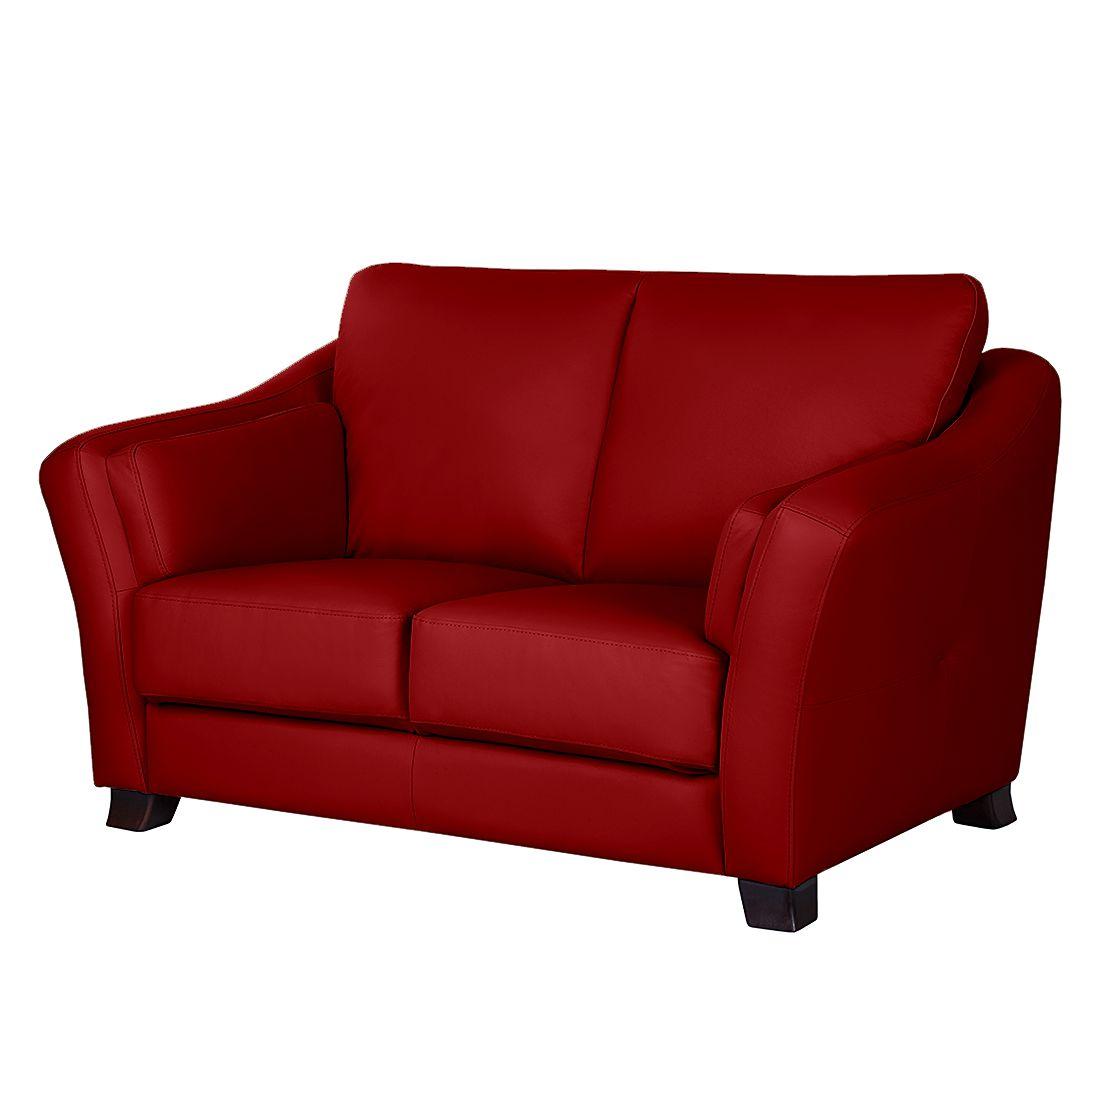 sofa toucy 2 sitzer echtleder rot nuovoform m bel24. Black Bedroom Furniture Sets. Home Design Ideas